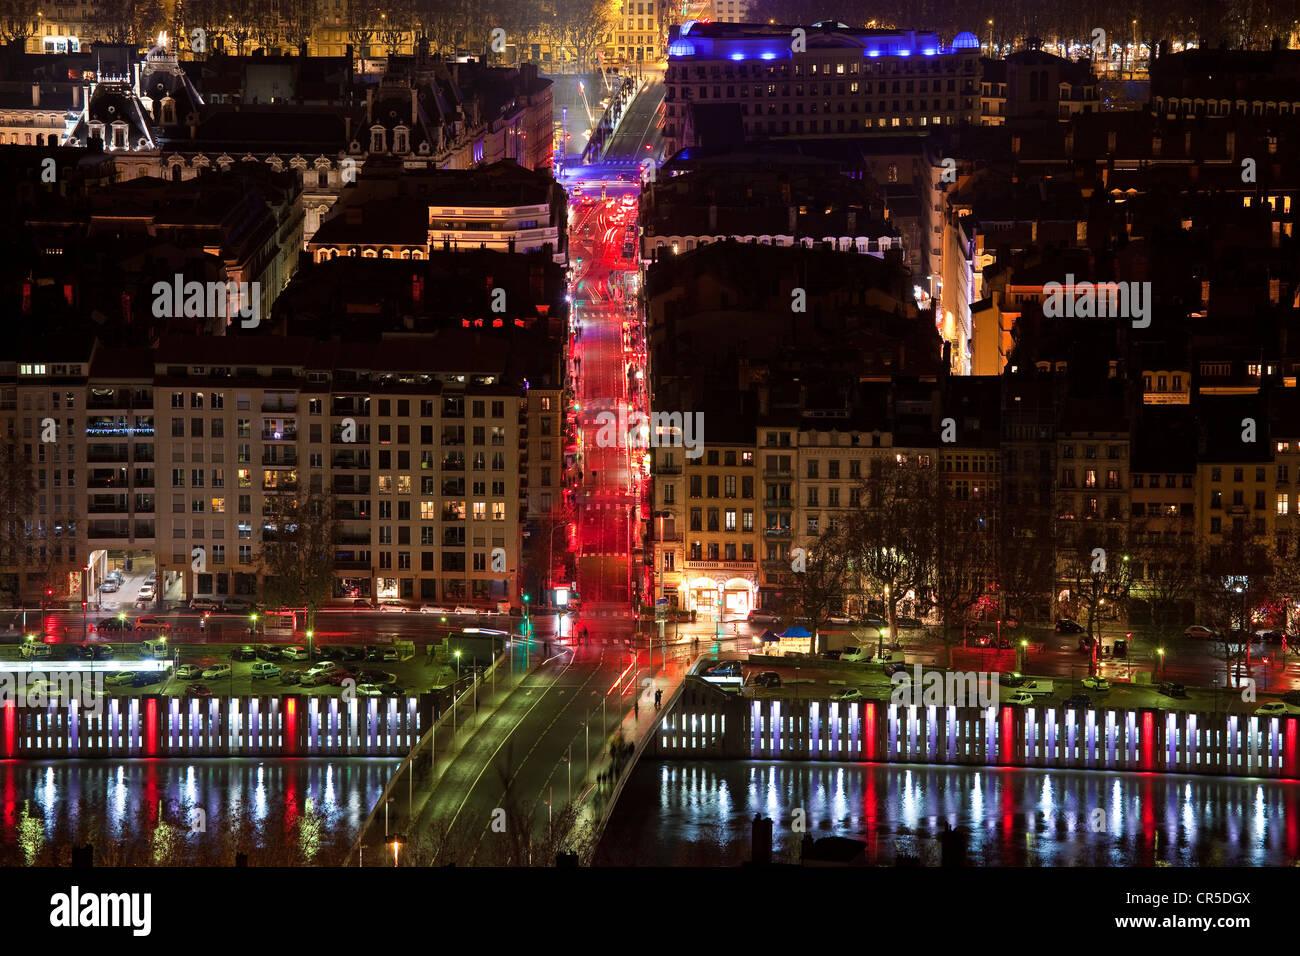 France, Rhone, Lyon, le Cours Lafayette during the Fete des Lumieres (Light Festival) - Stock Image